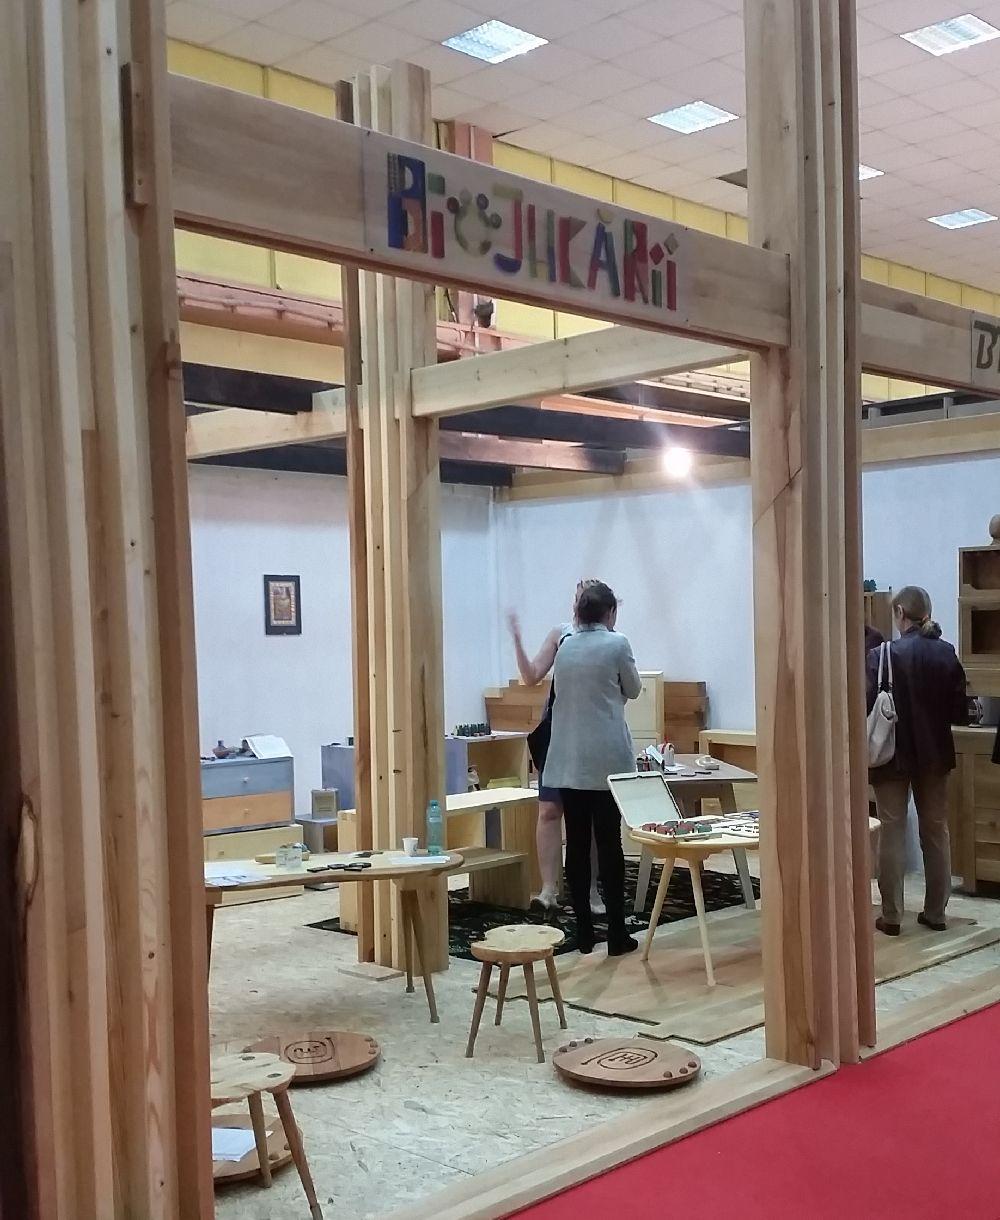 adelaparvu.com despre mobila, jucarii si parchet din lemn masiv, Biojucarii, Biomobila, Suceava (1)